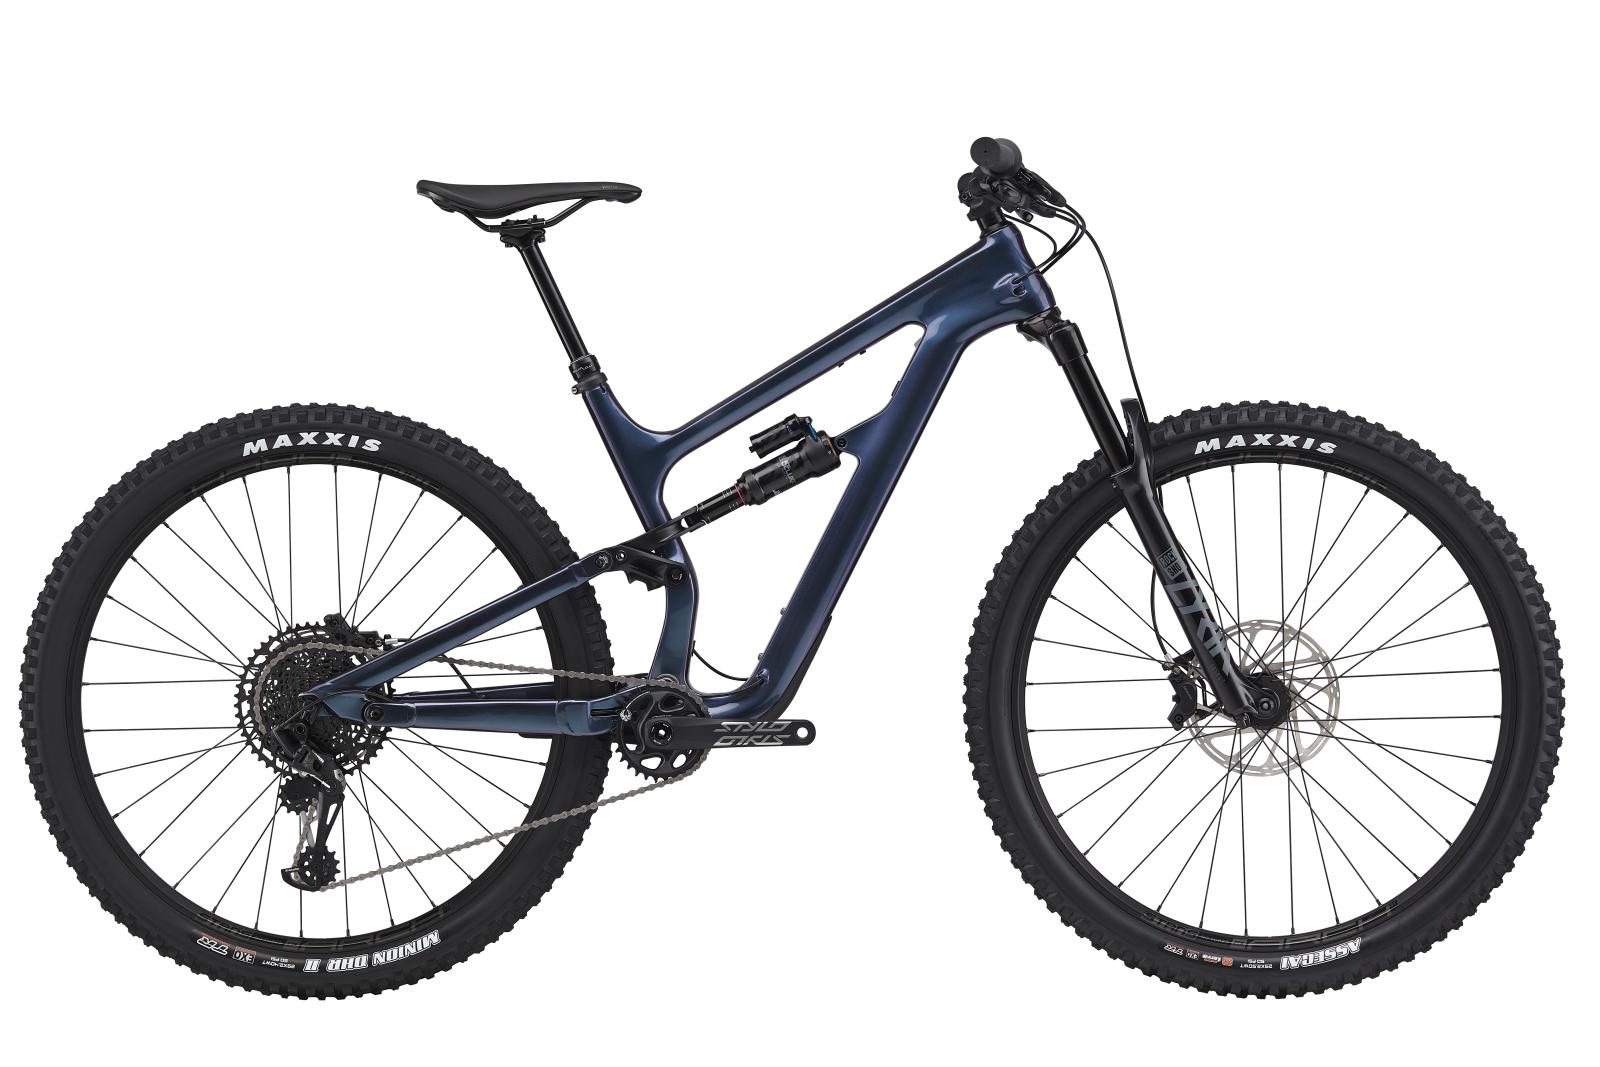 """Cannondale Habit Carbon SE férfi 29"""" trail kerékpár - sötétkék - XL (2020)"""